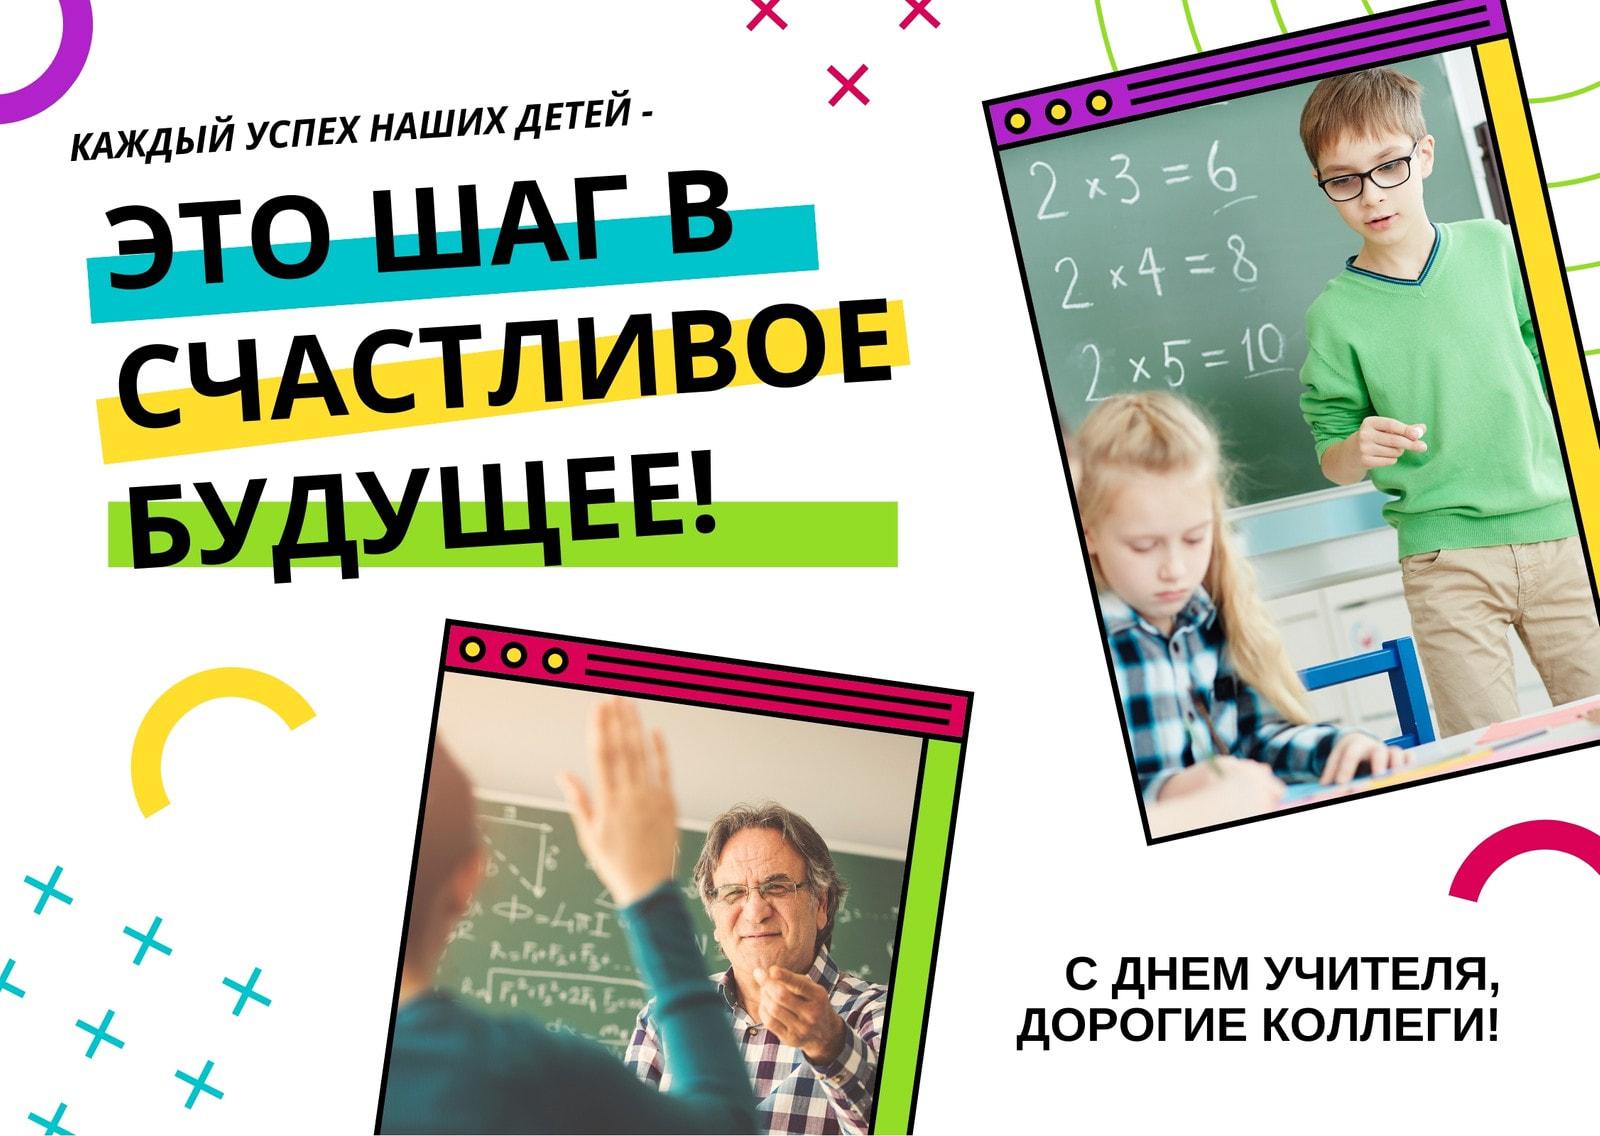 Цветная открытка на день учителя с фотографиями